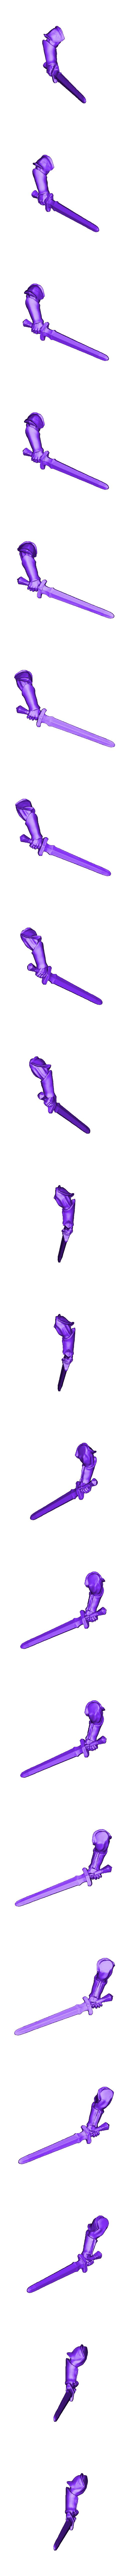 sword_v4.stl Télécharger fichier STL gratuit Infatrie des elfes / Miniatures des lanciers • Plan imprimable en 3D, Ilhadiel